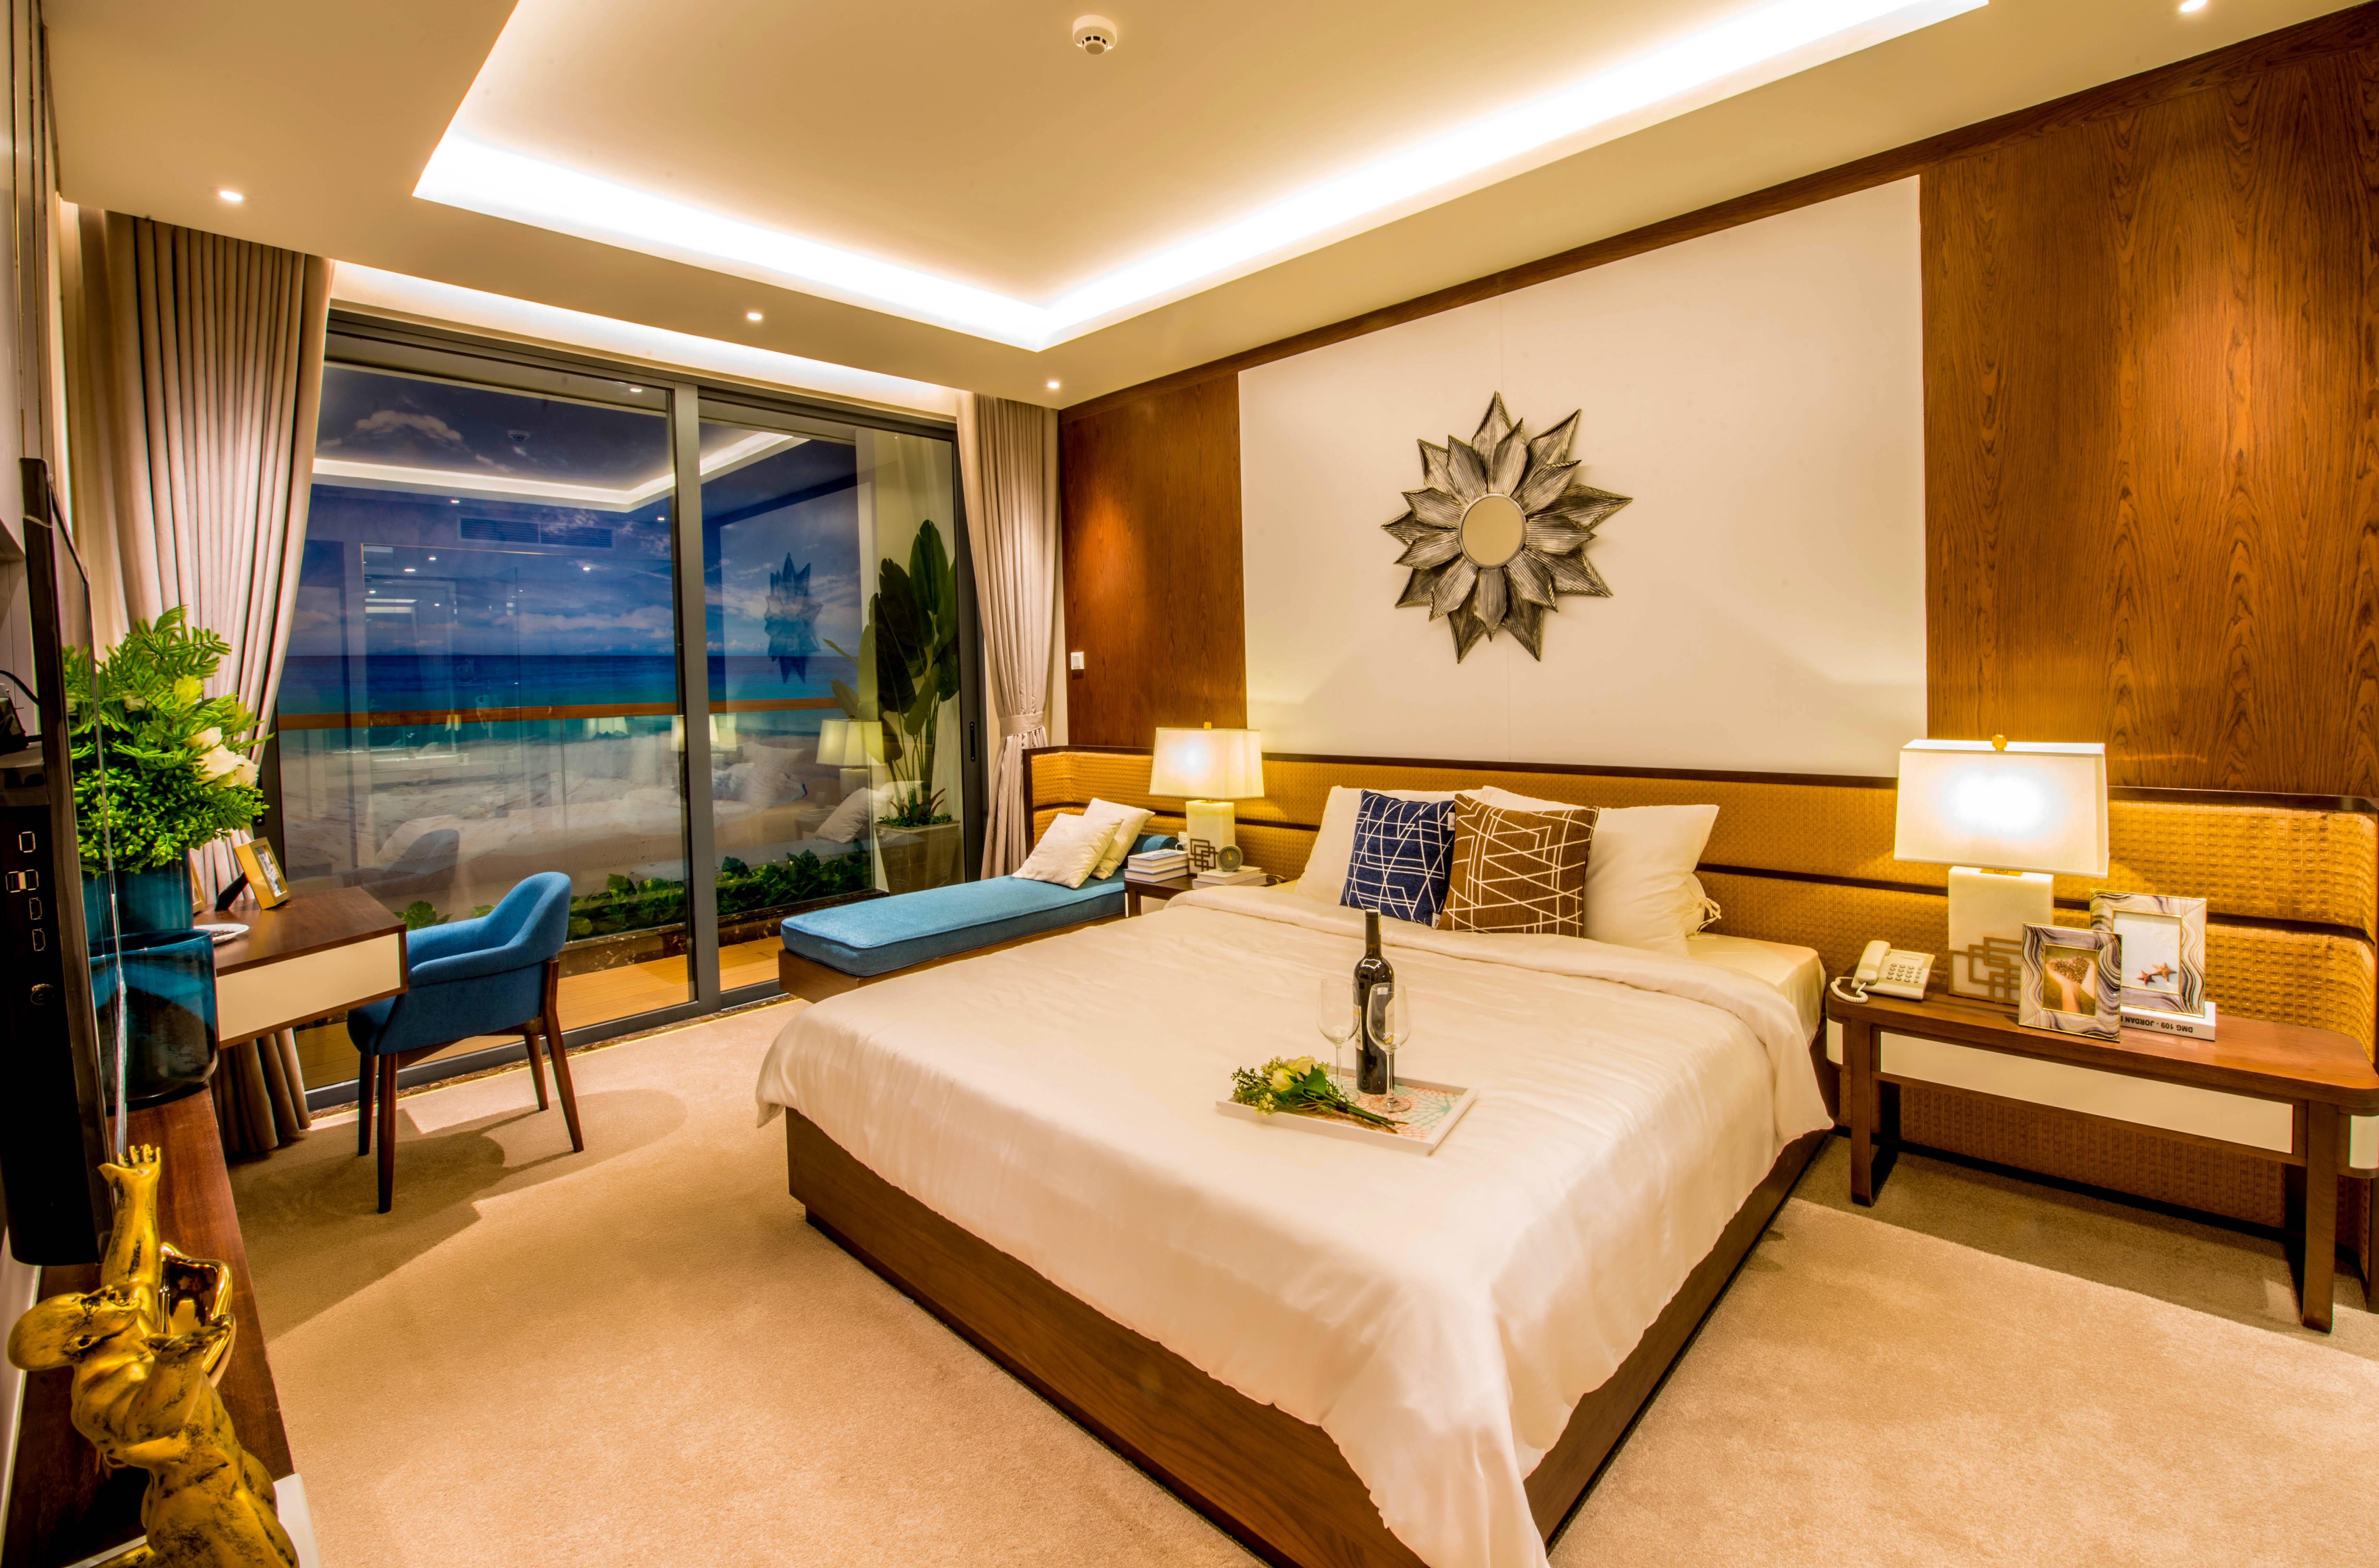 Ấn tượng căn hộ mẫu đẳng cấp 5 sao Aria Đà Nẵng Hotel & Resort